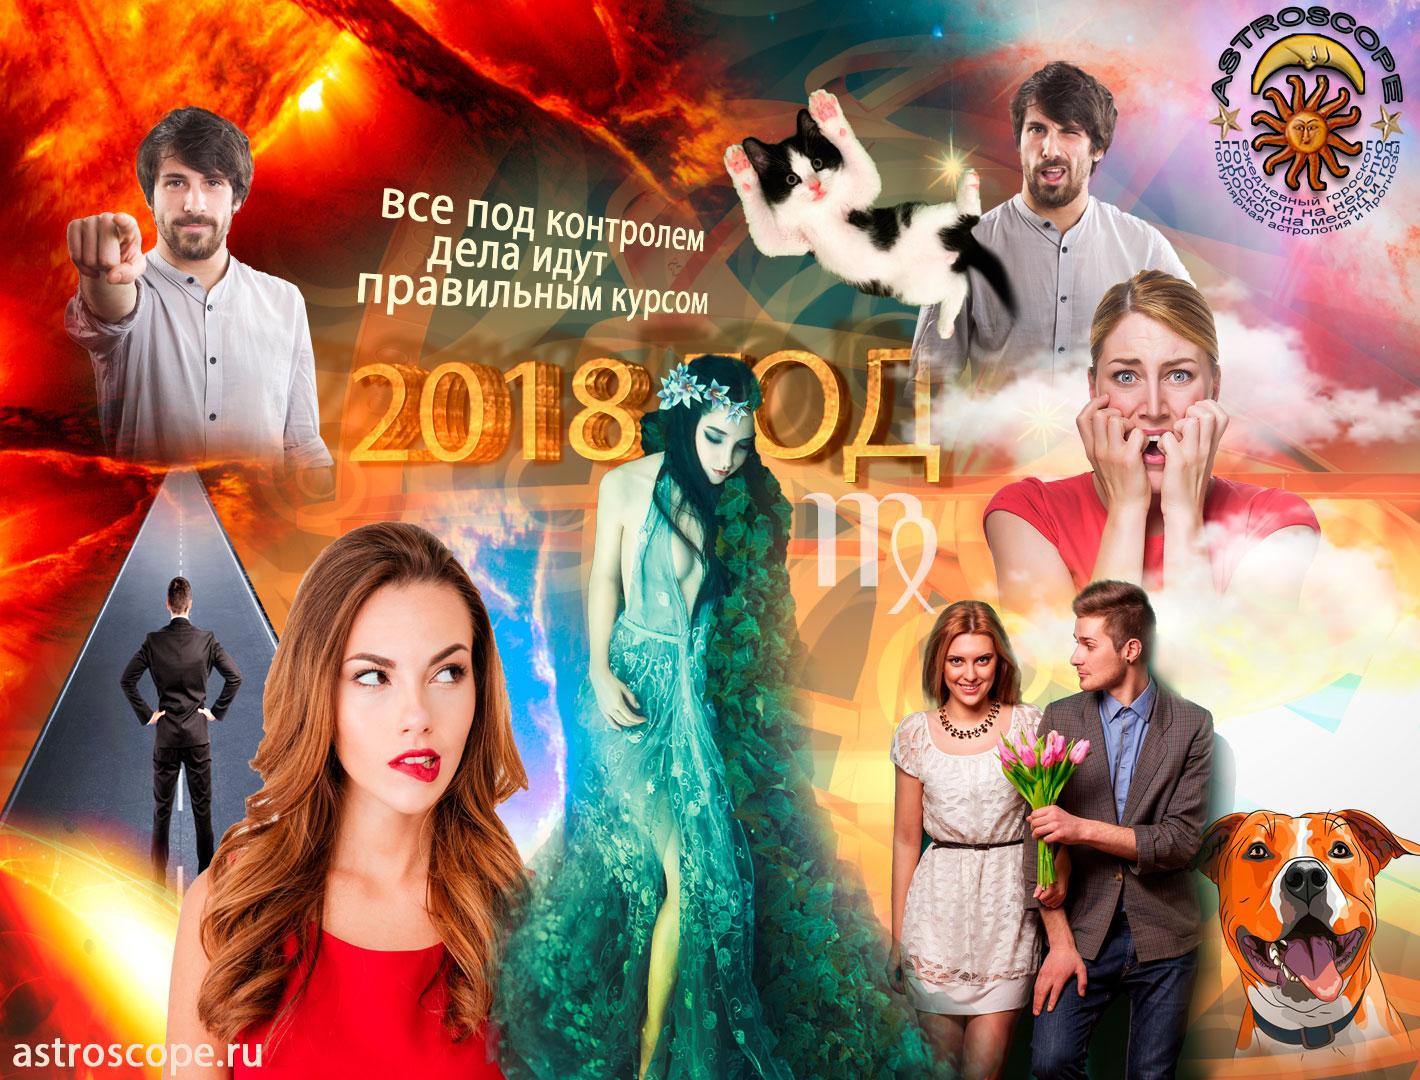 Гороскоп на 2019 год Дева, астрологический прогноз на 2019 год для Дев